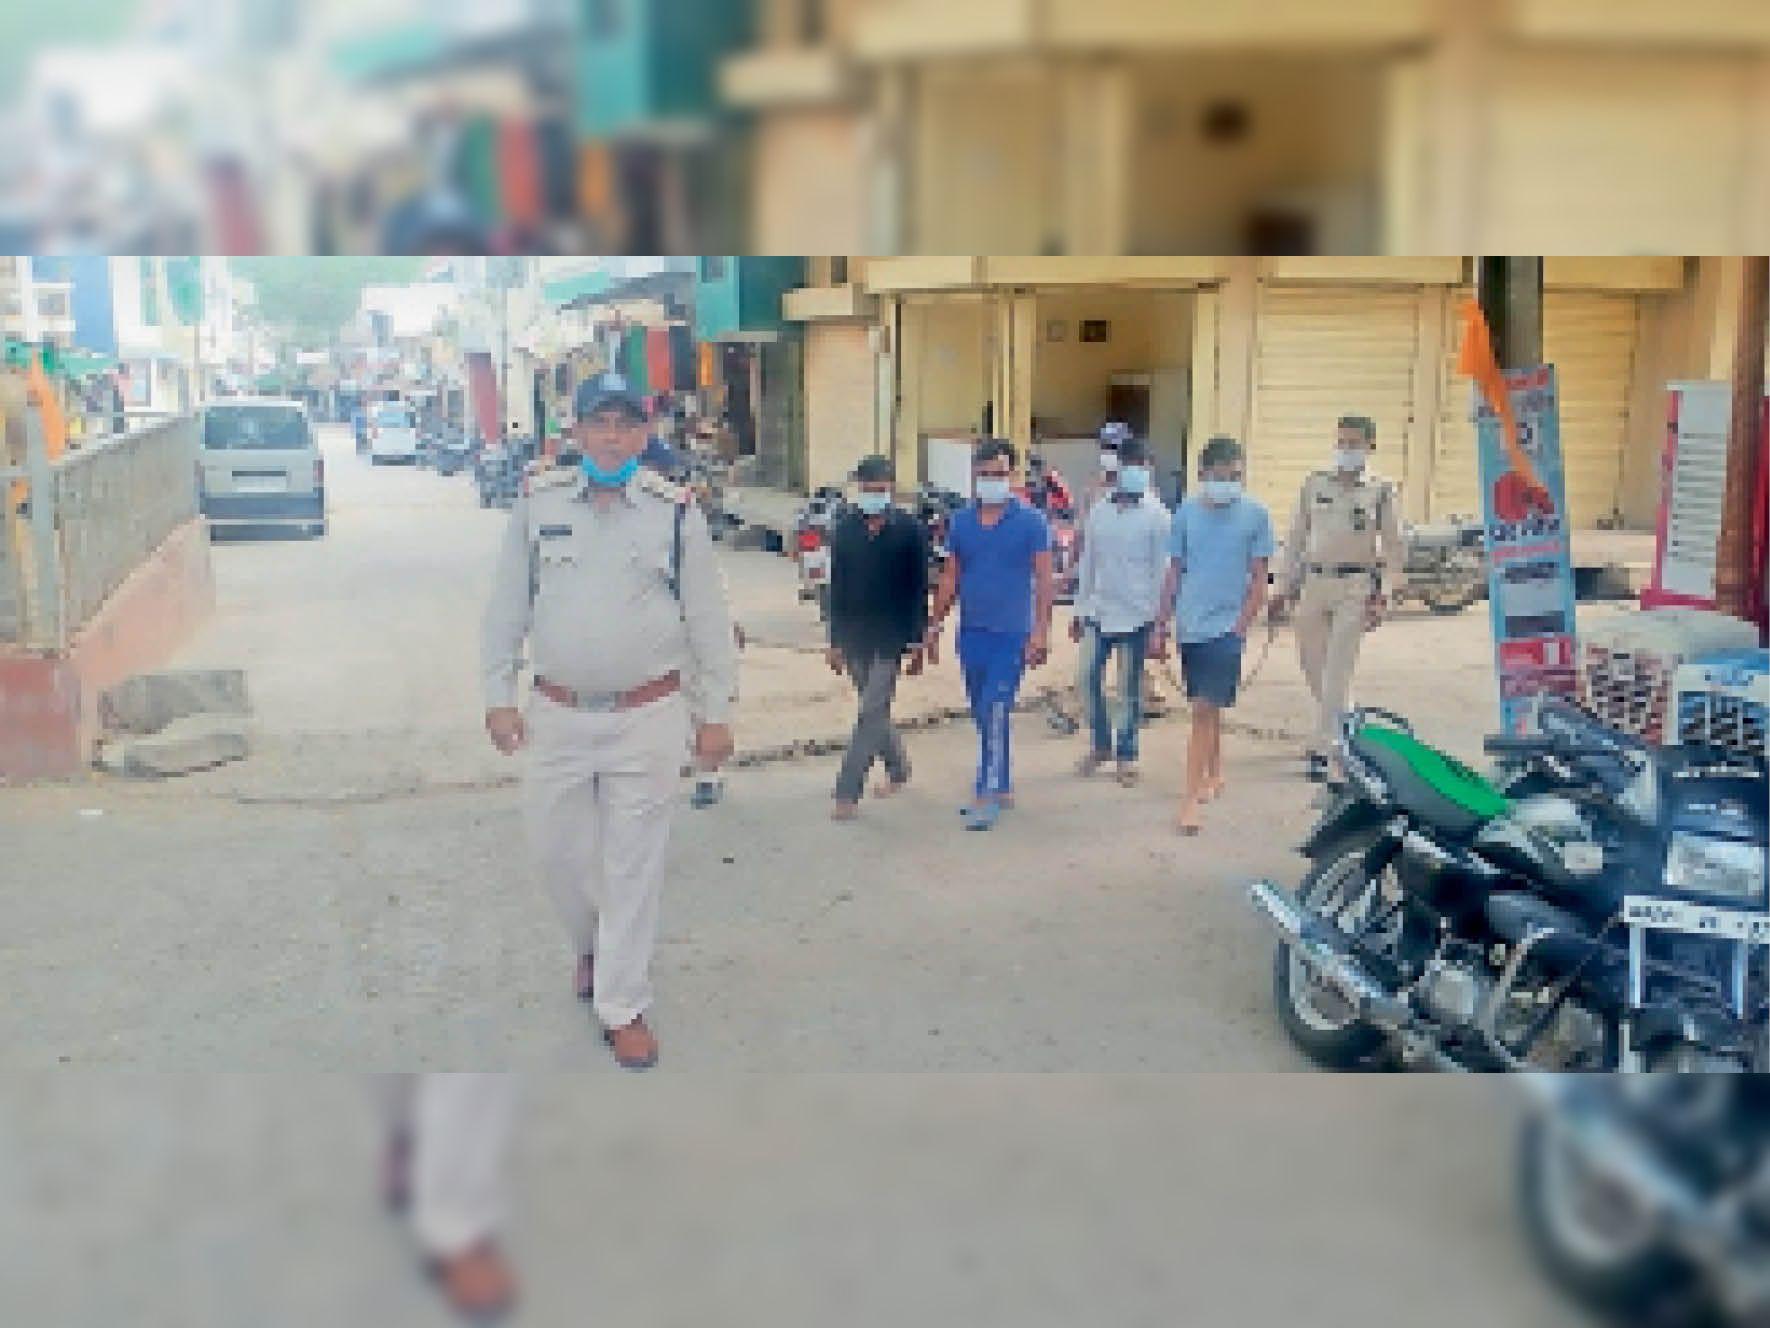 मानपुर. पुलिस की गिरफ्तार सट्टा उतारने वाले चारों आरोपी। - Dainik Bhaskar